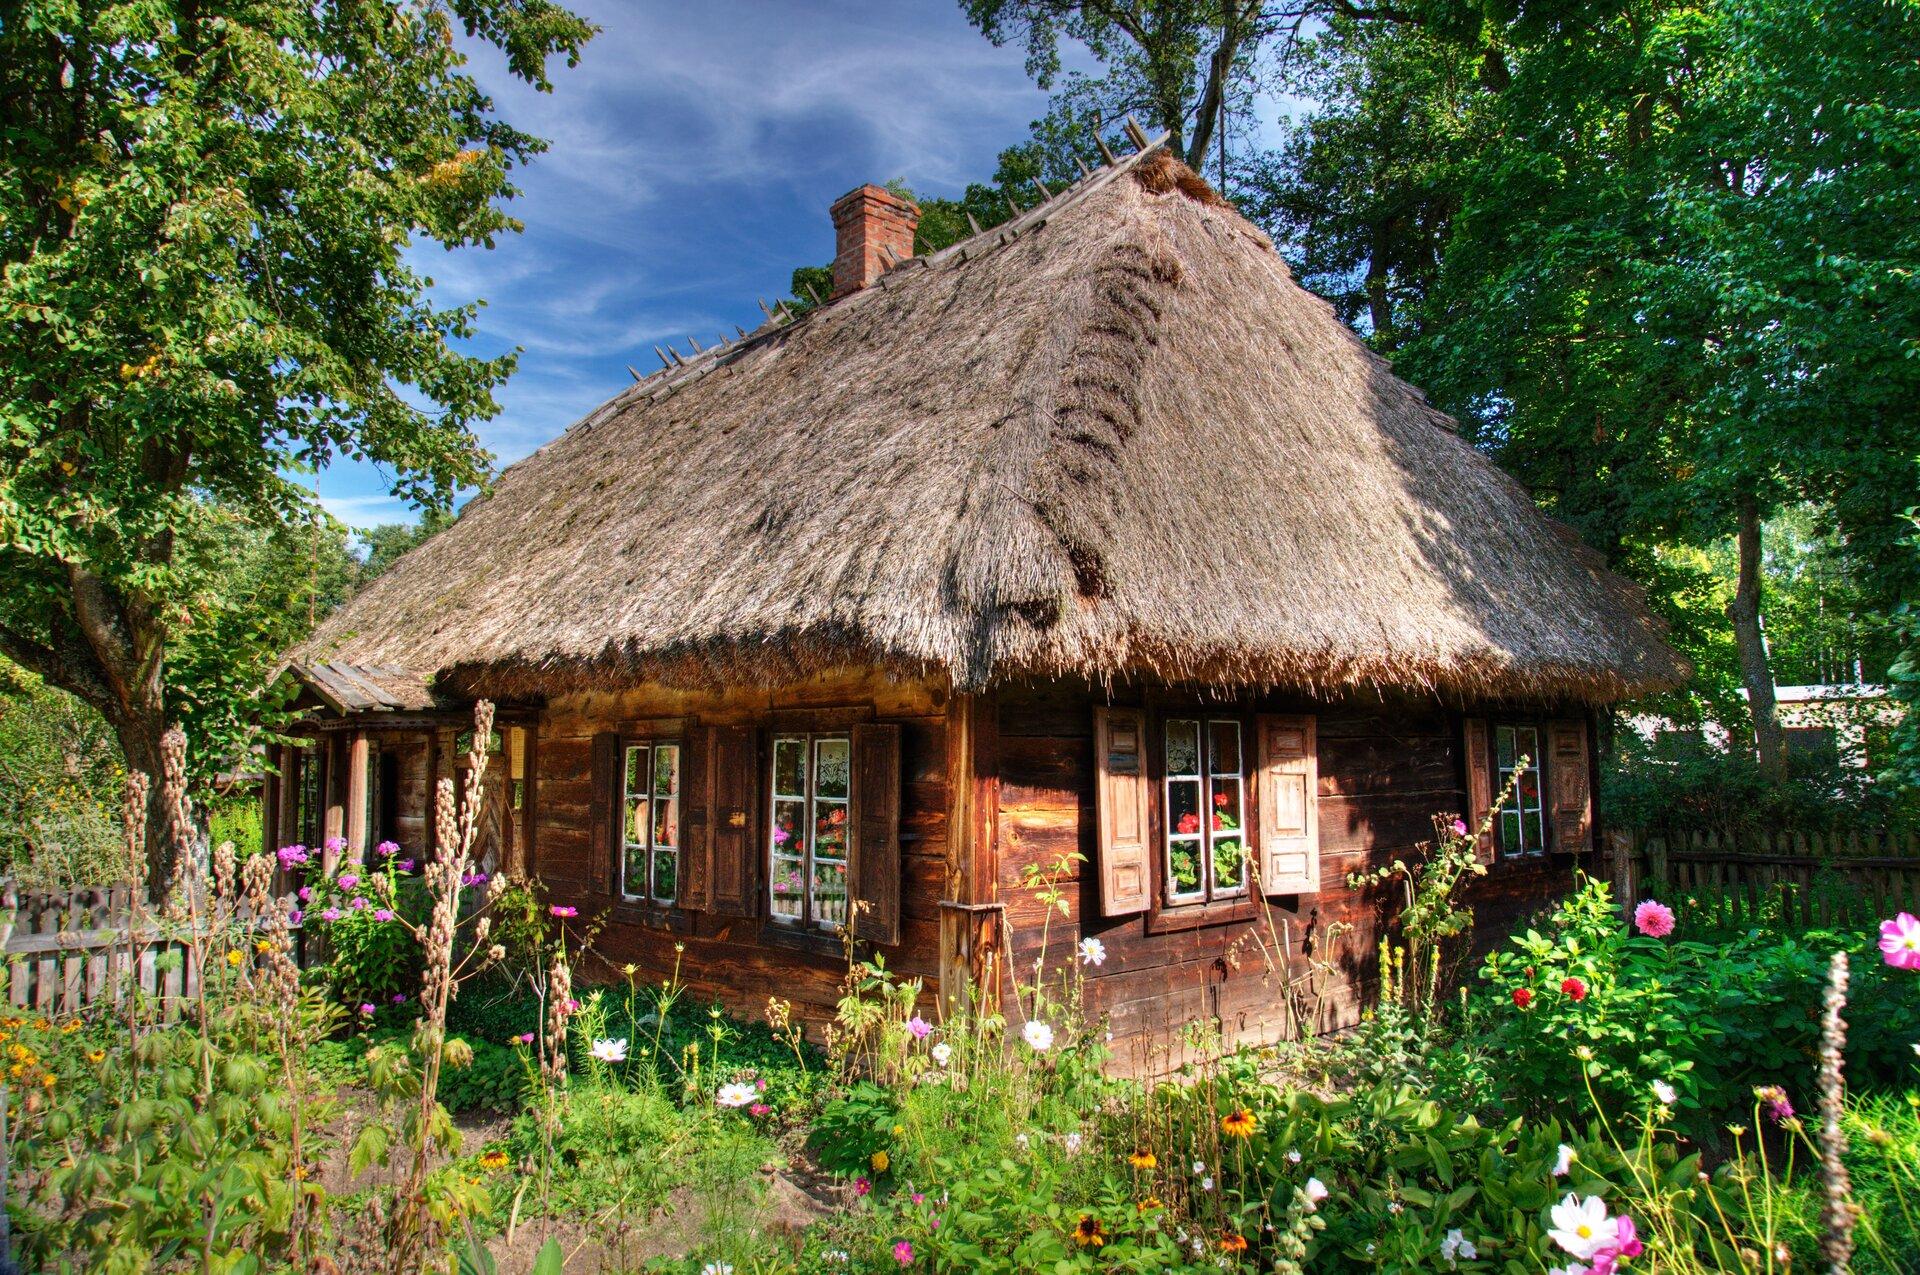 Stojąca wogrodzie zarośniętym kolorowymi kwiatami drewniana chata pokryta słomianą strzechą. Wchacie, woknach też są kwiaty.